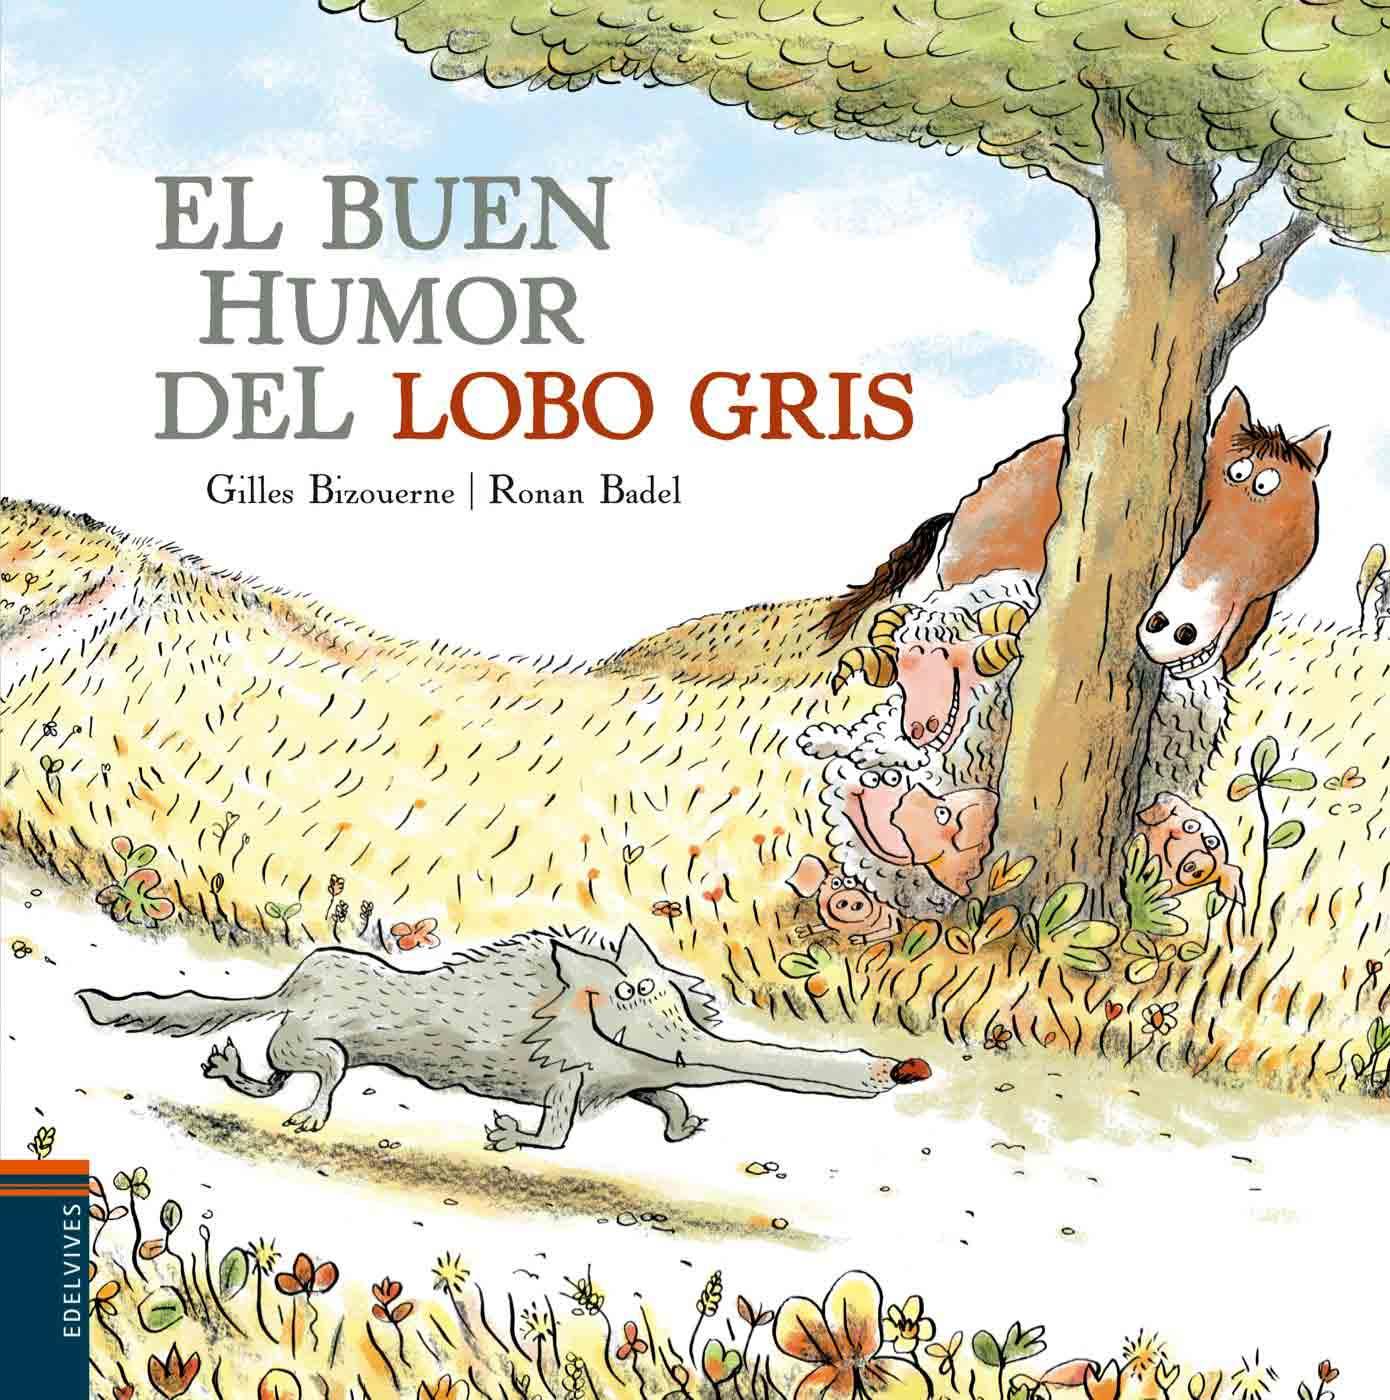 El buen humor del lobo gris - Edelvives